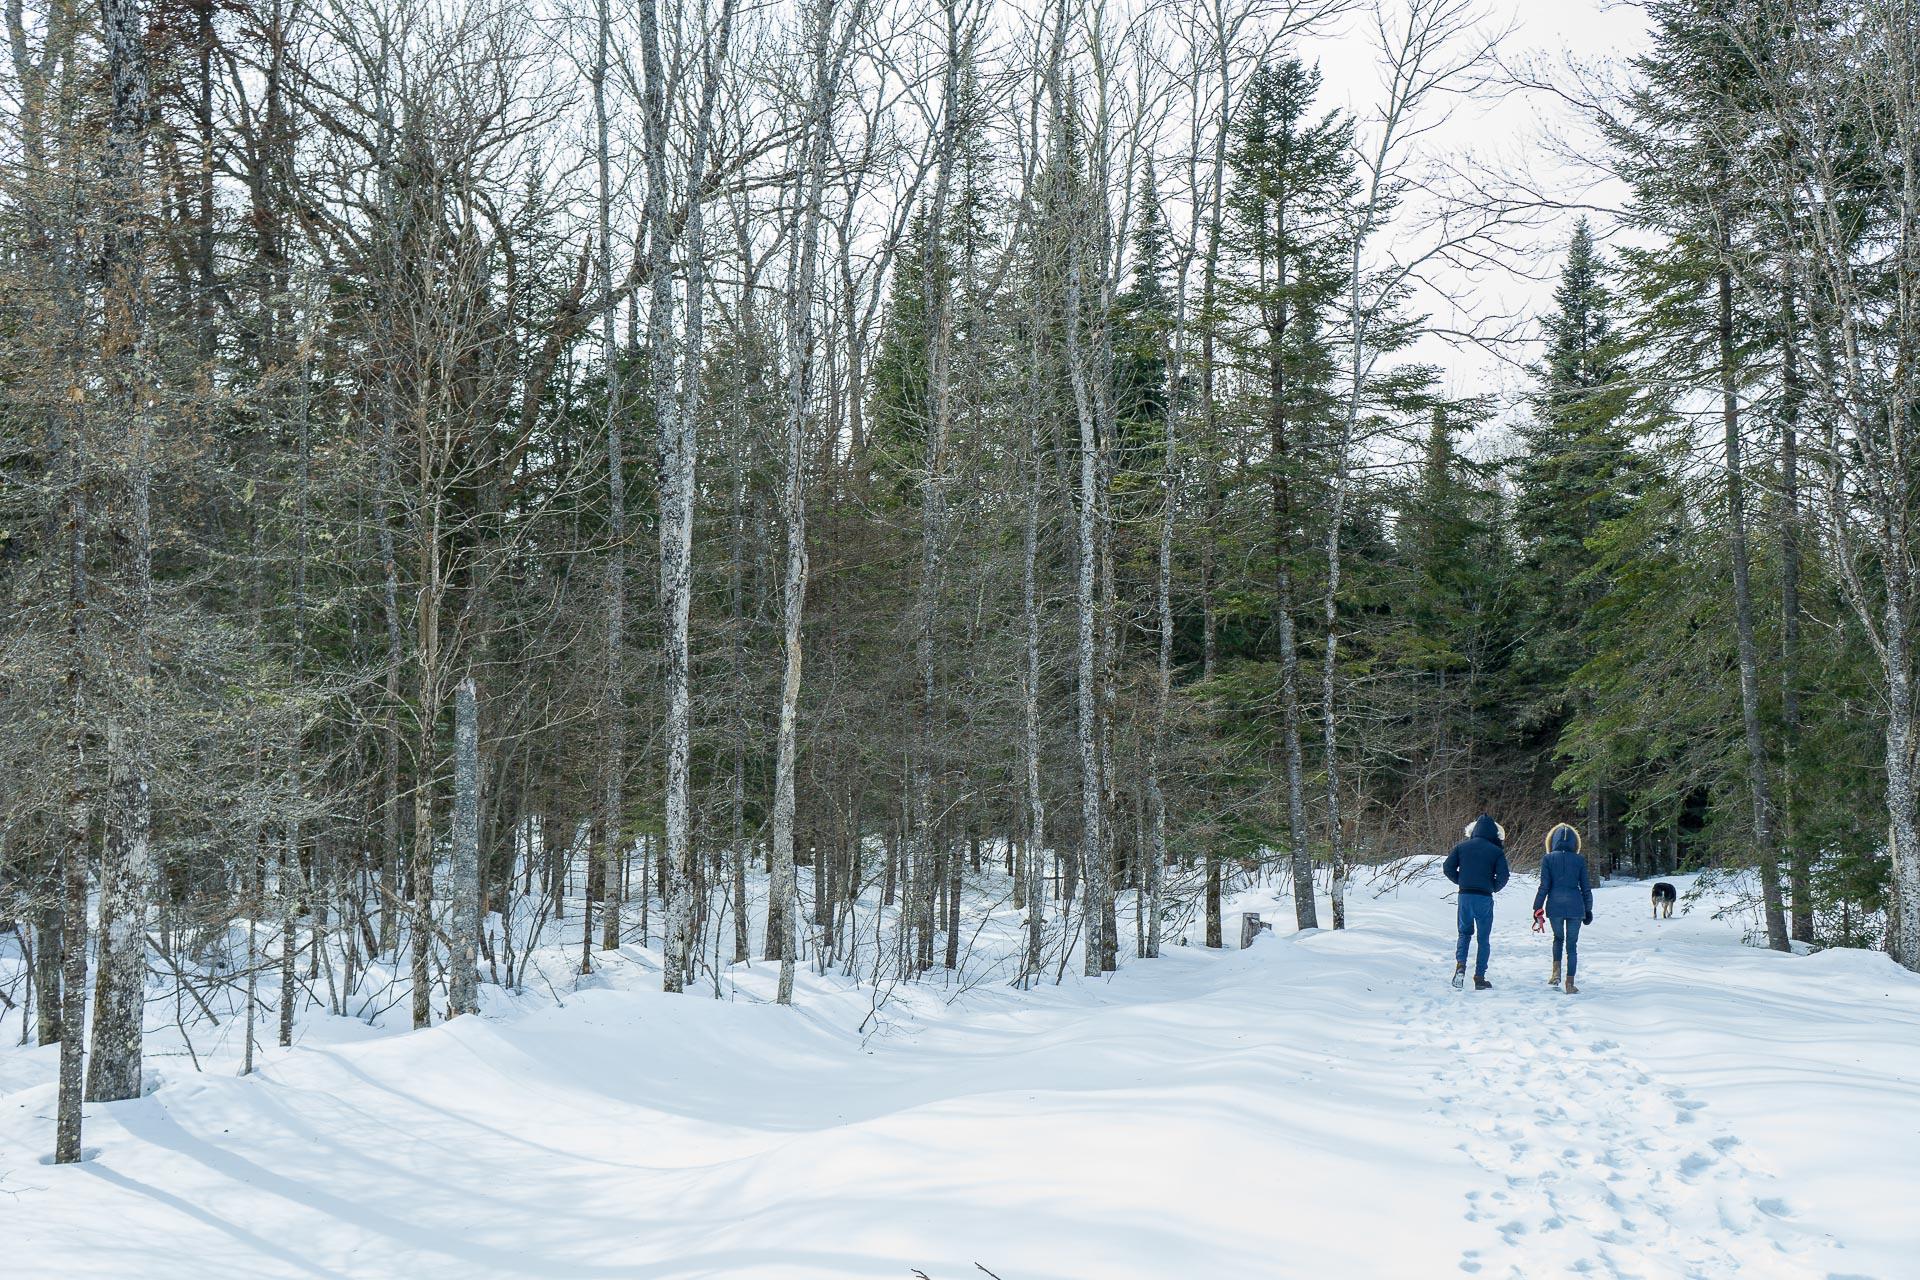 Dimanche 2 avril: L'hiver sans fin du Québec